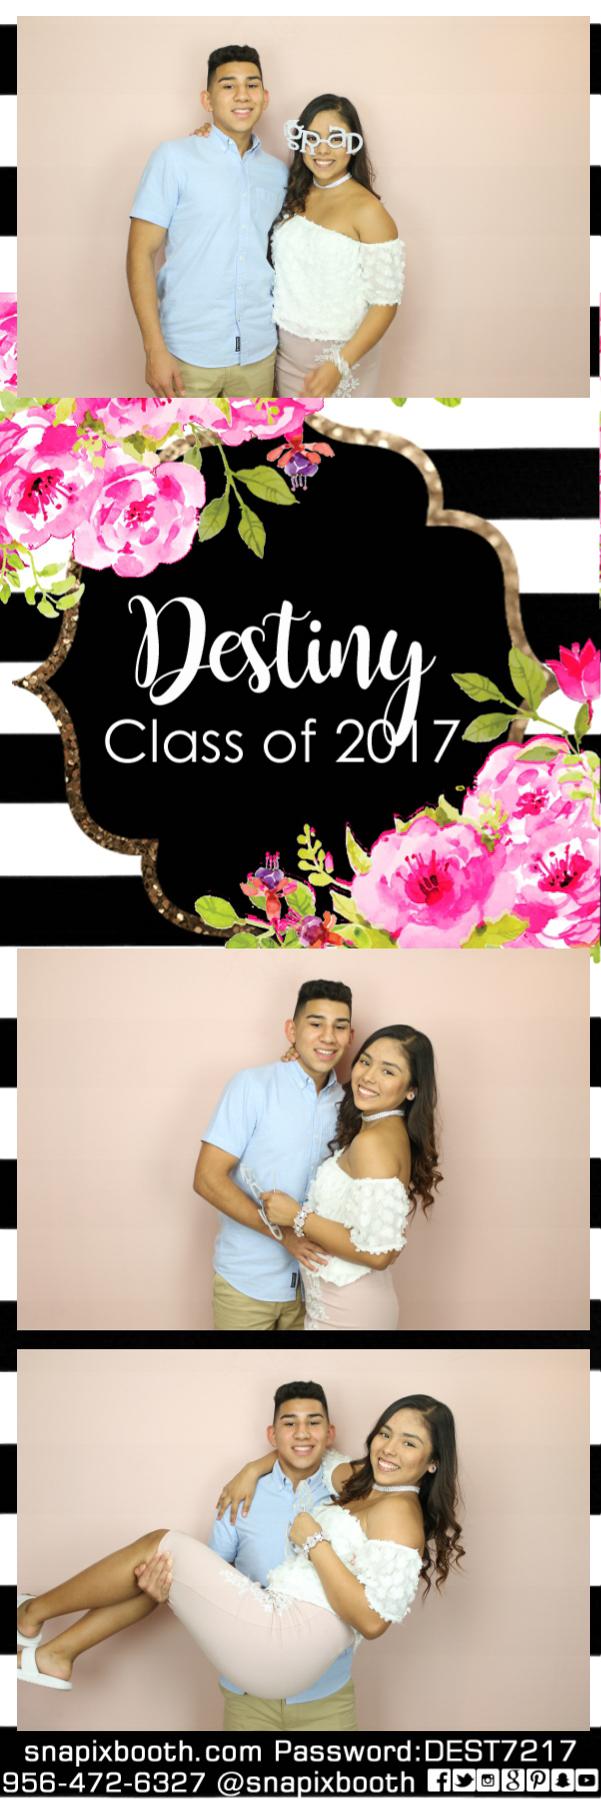 Destiny Class of 2017